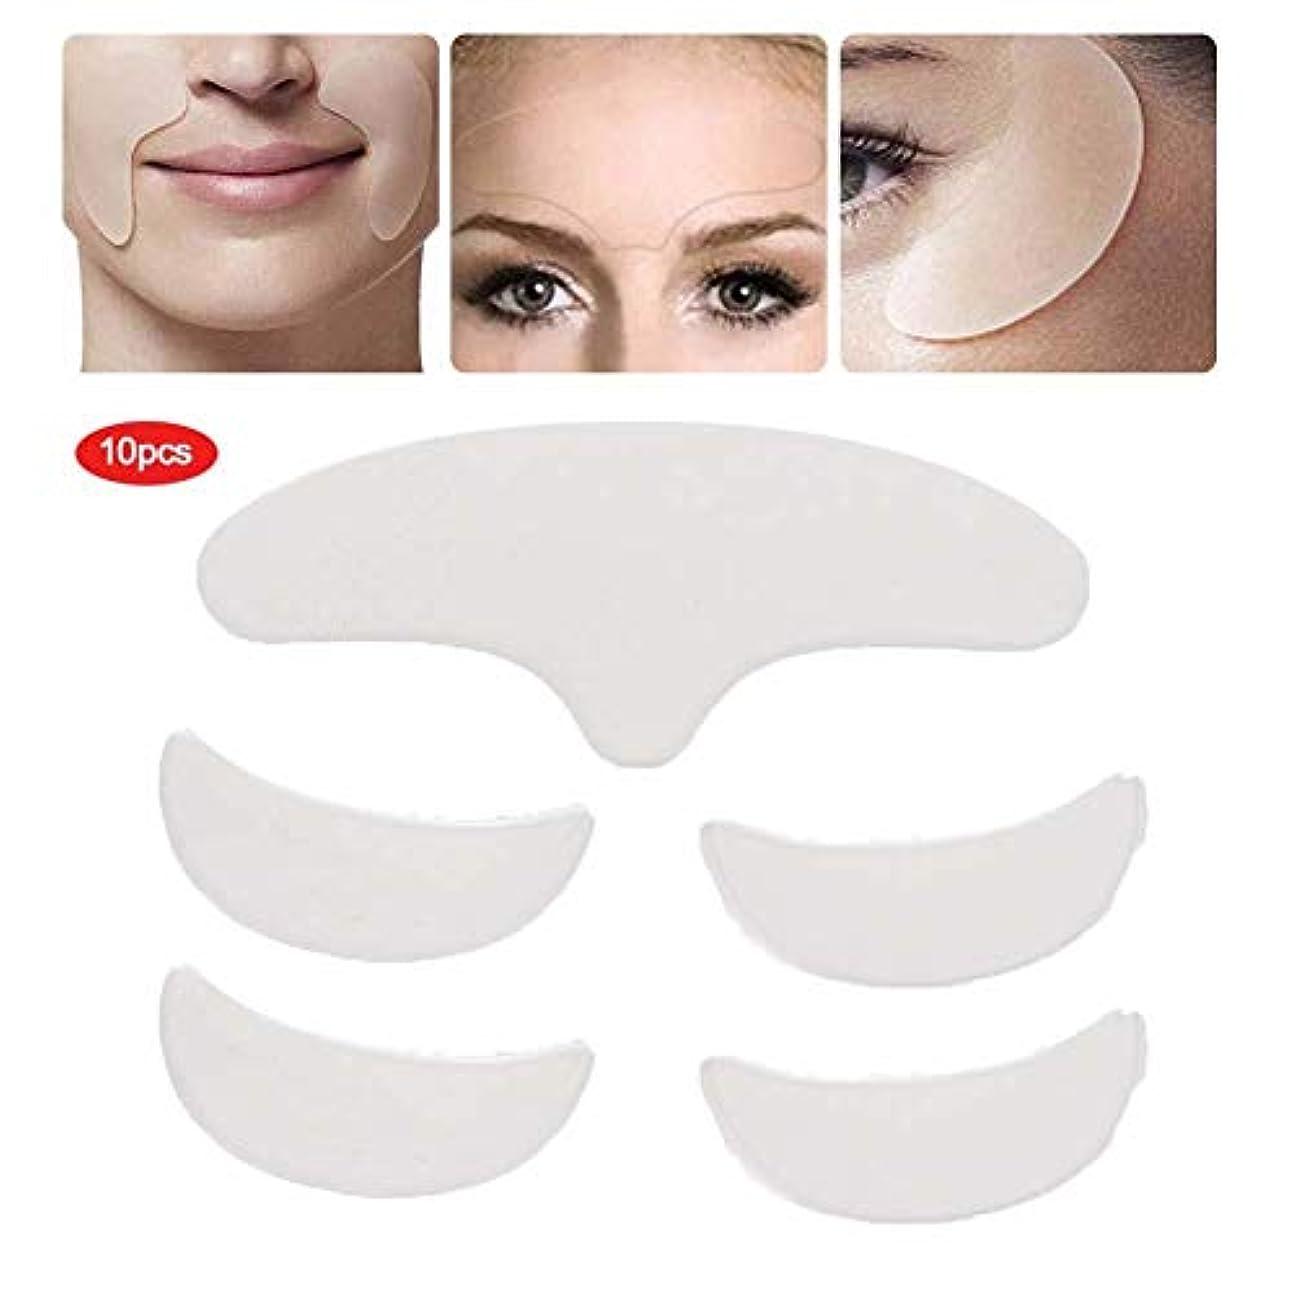 舗装装備する特異な目の顔の額のための5個のシリコンリンクルパッド